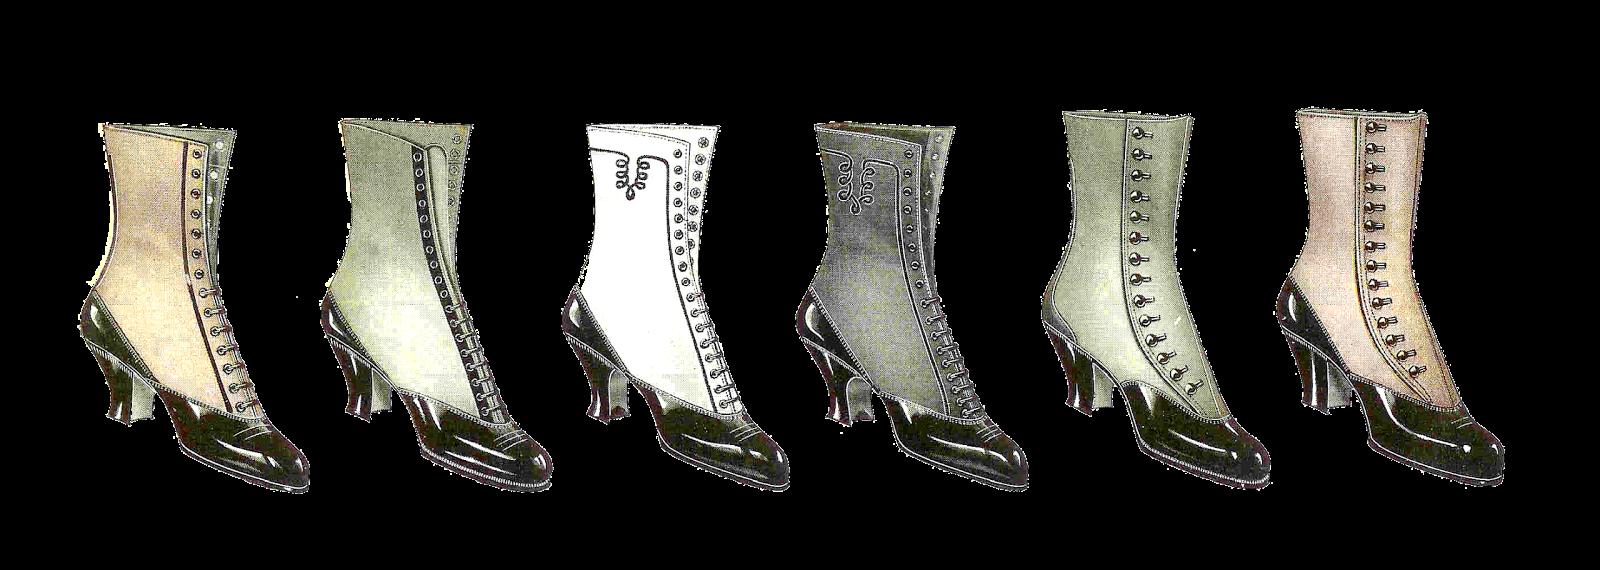 Antique images free clip. Fashion clipart fashion shoe